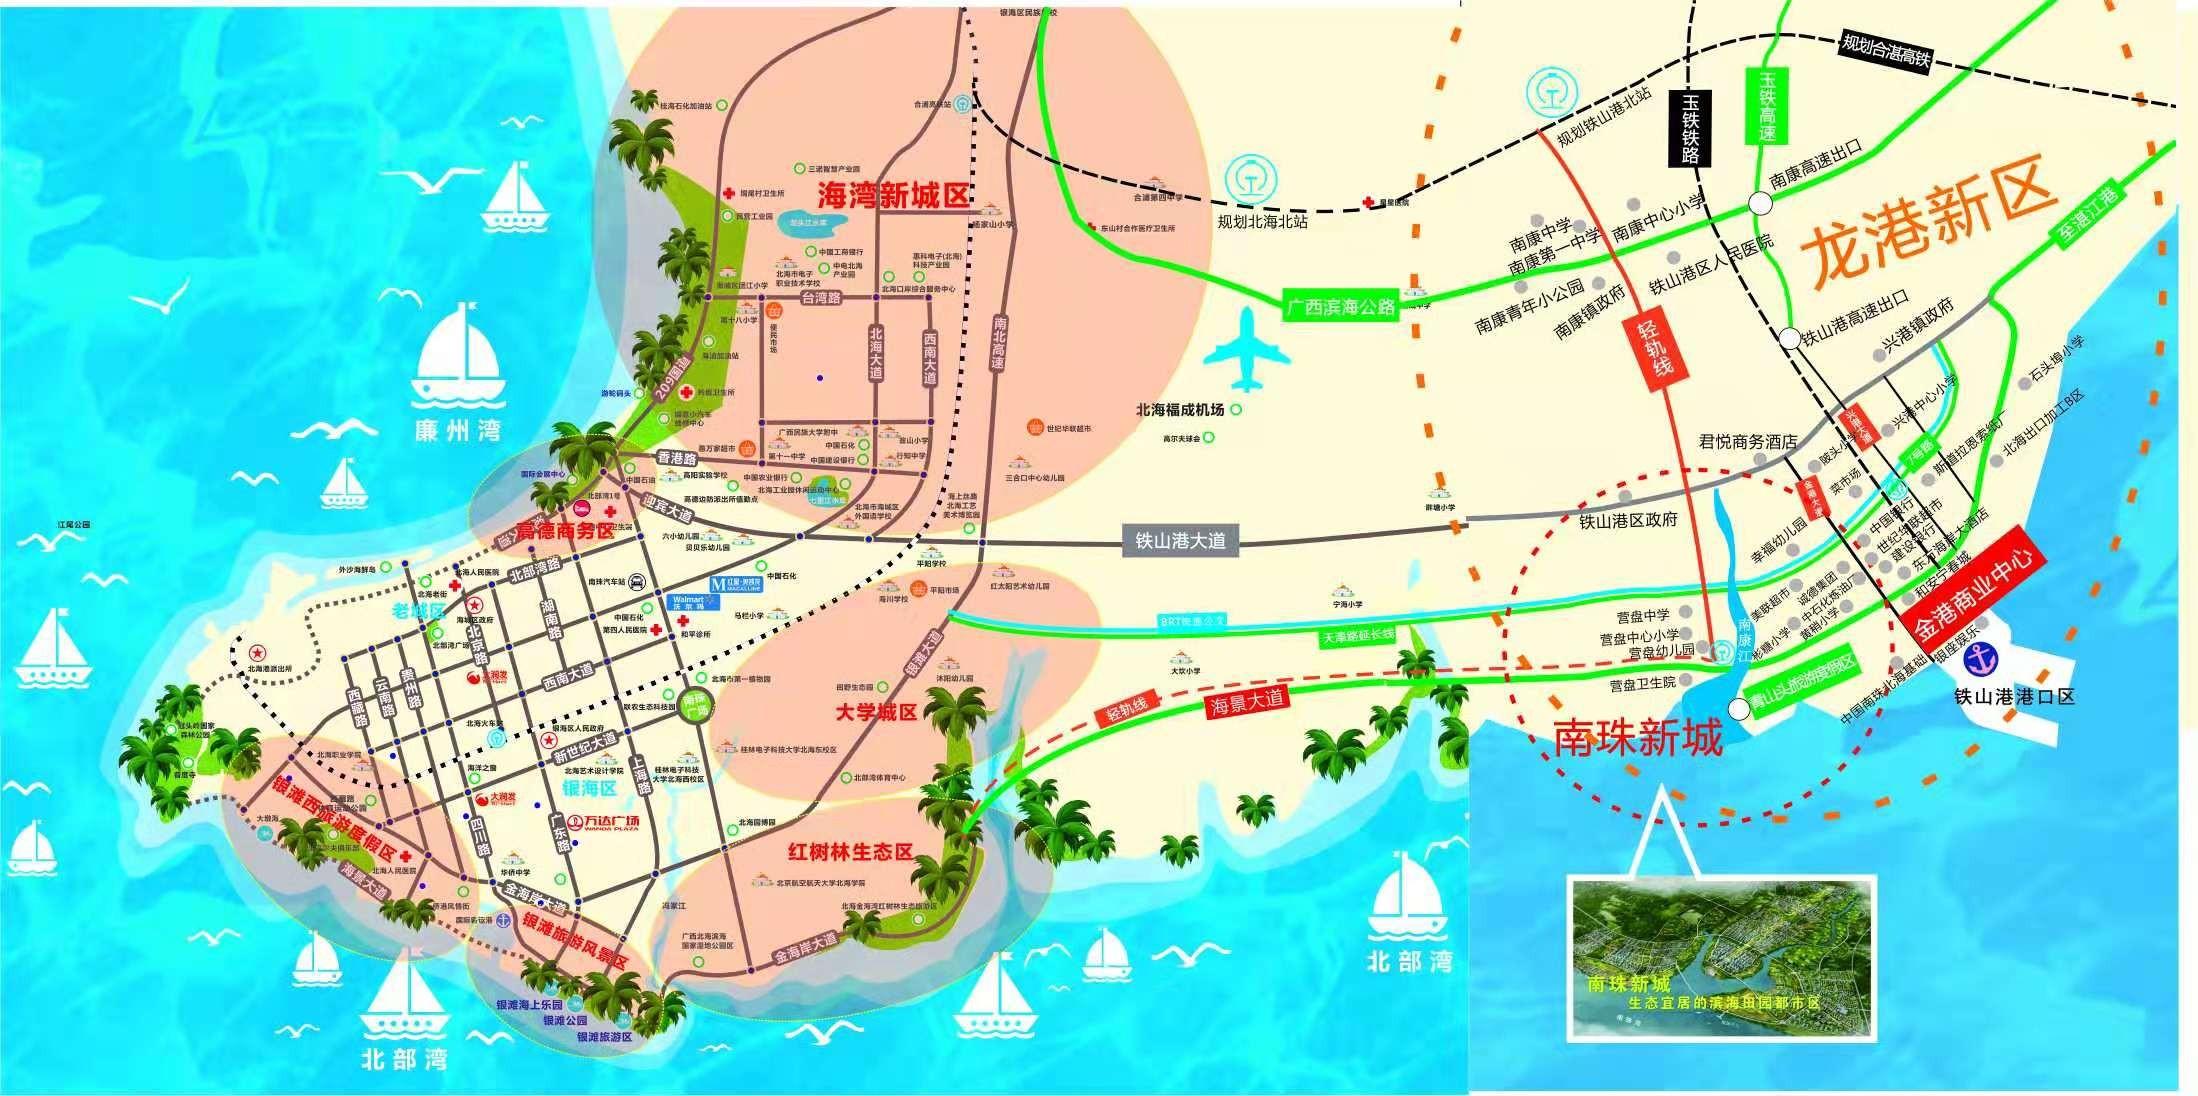 金港商业中心位置图